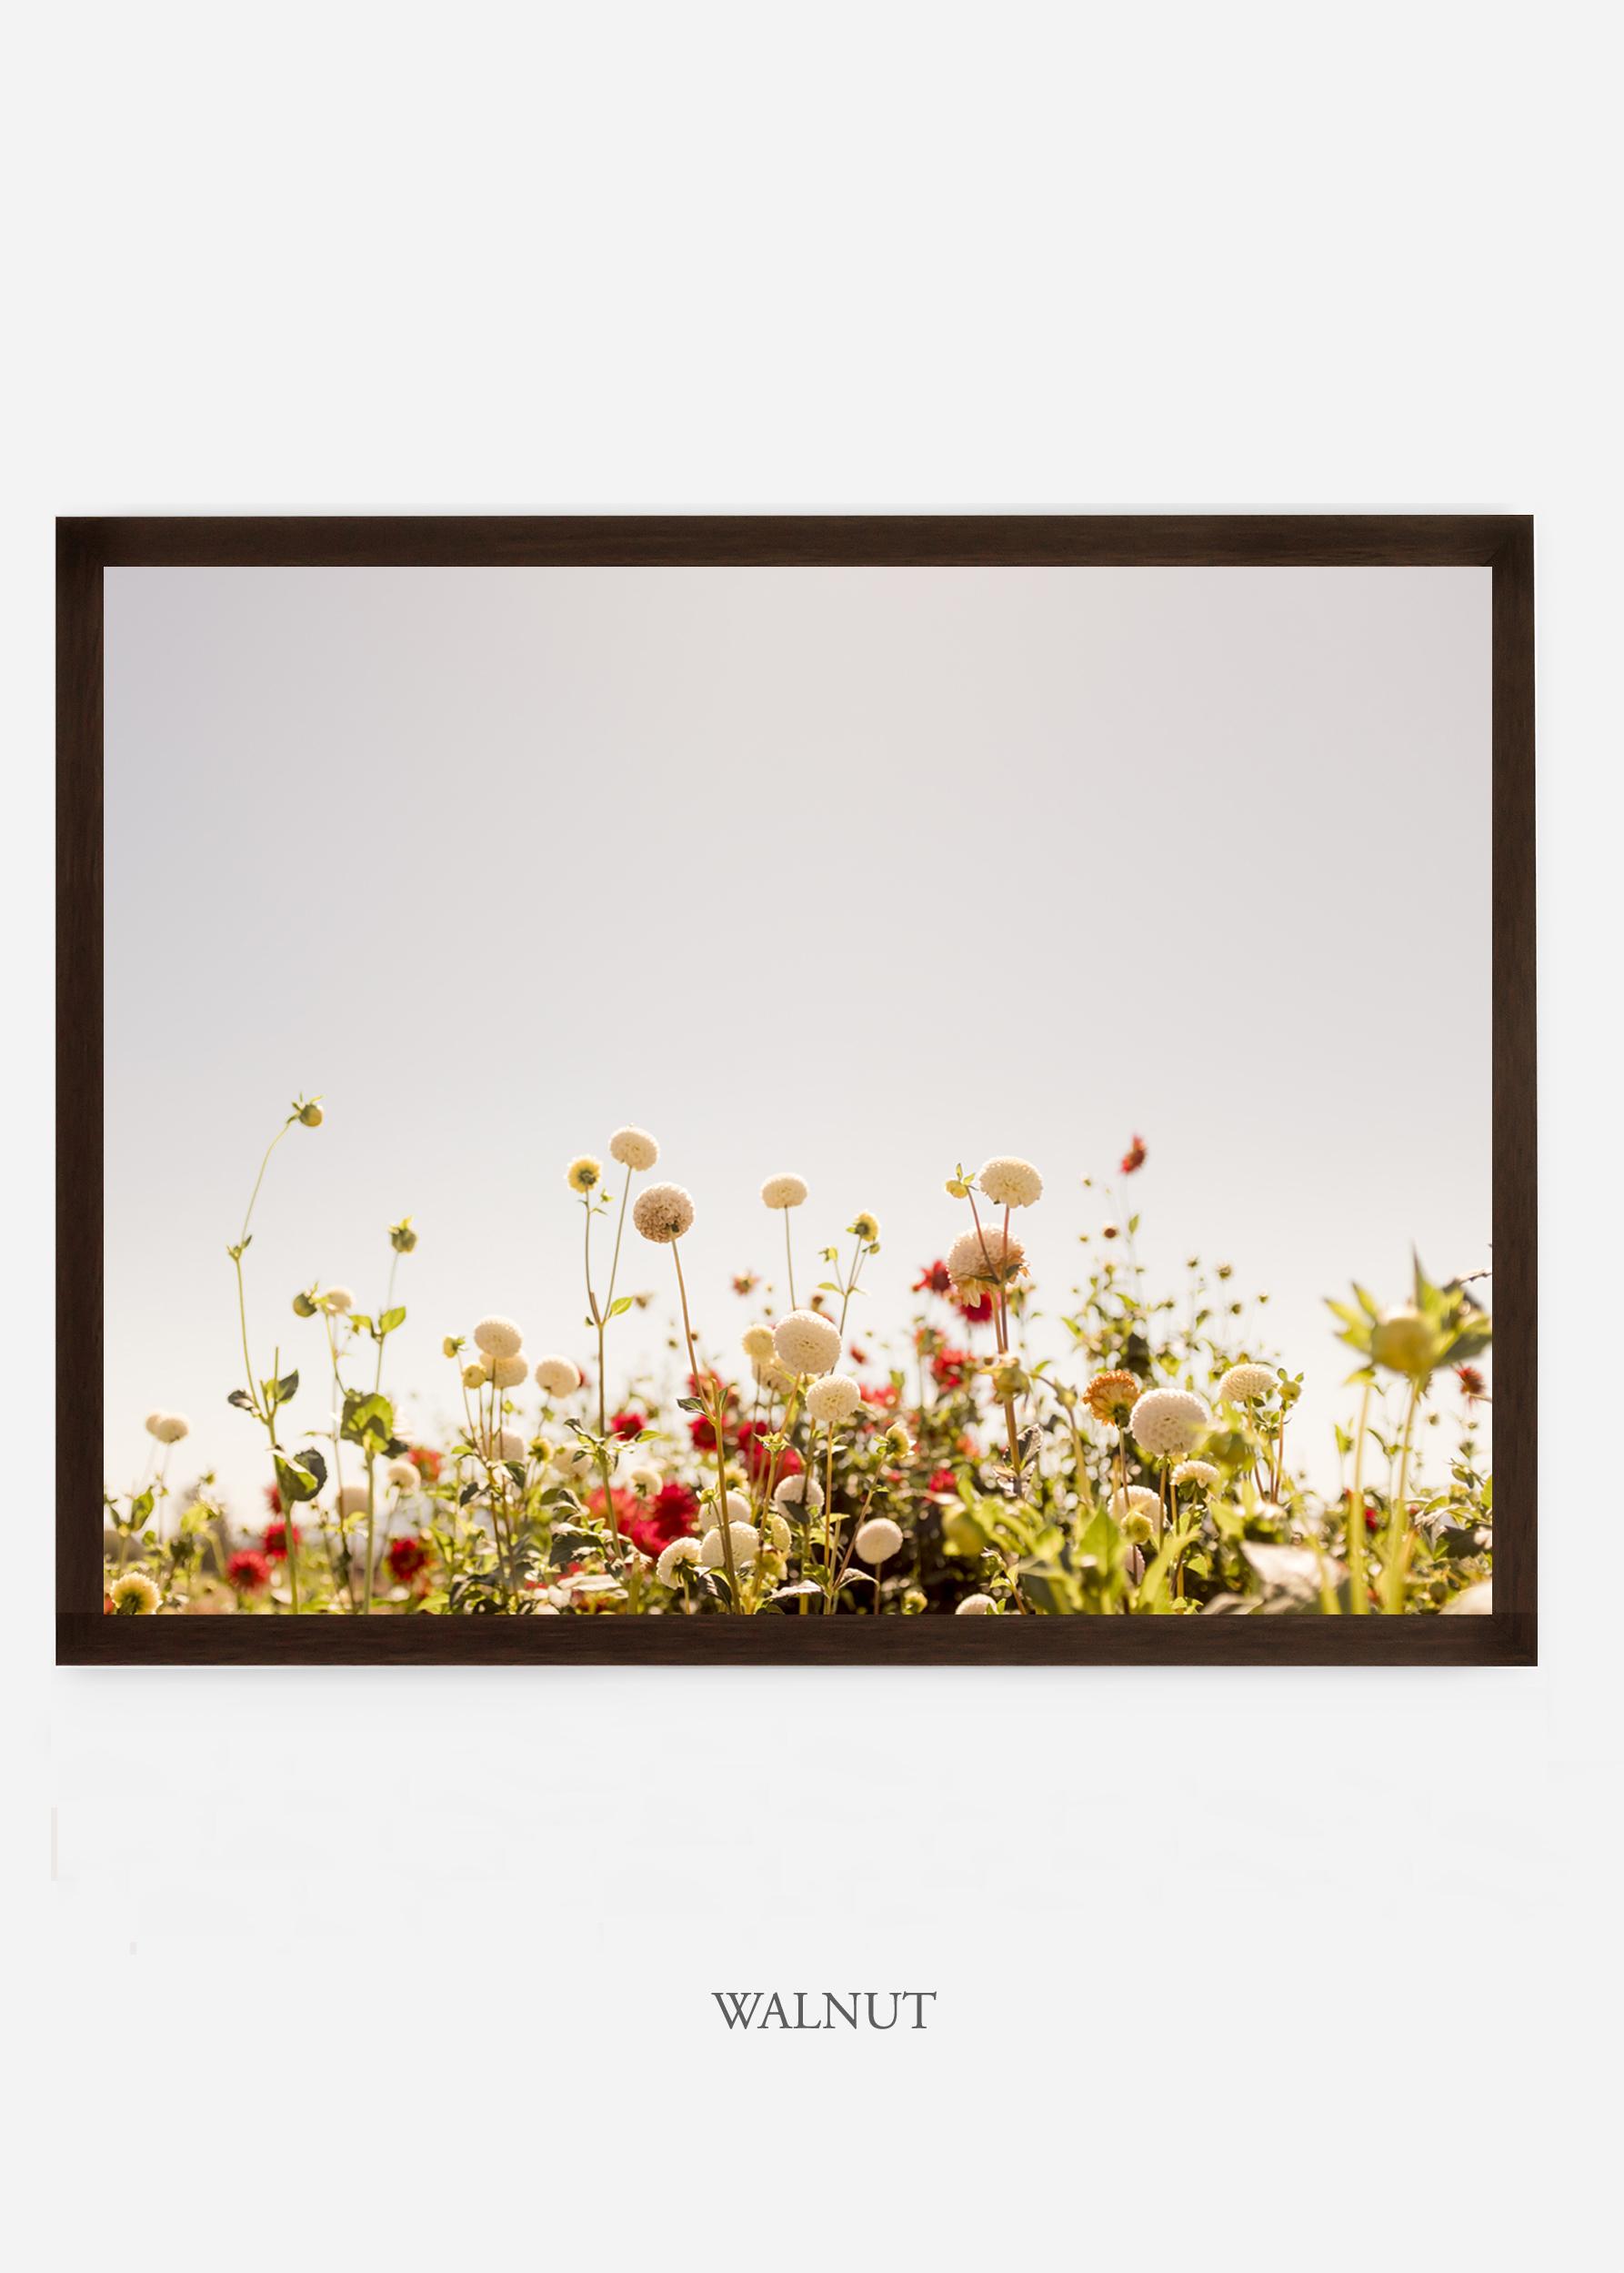 NoMat-DarkWalnutFrame-DahliaNo.5-Wilder-California-Art-Floral-Home-decor-Prints-Dahlia-Botanical-Artwork-Interior-design.jpg